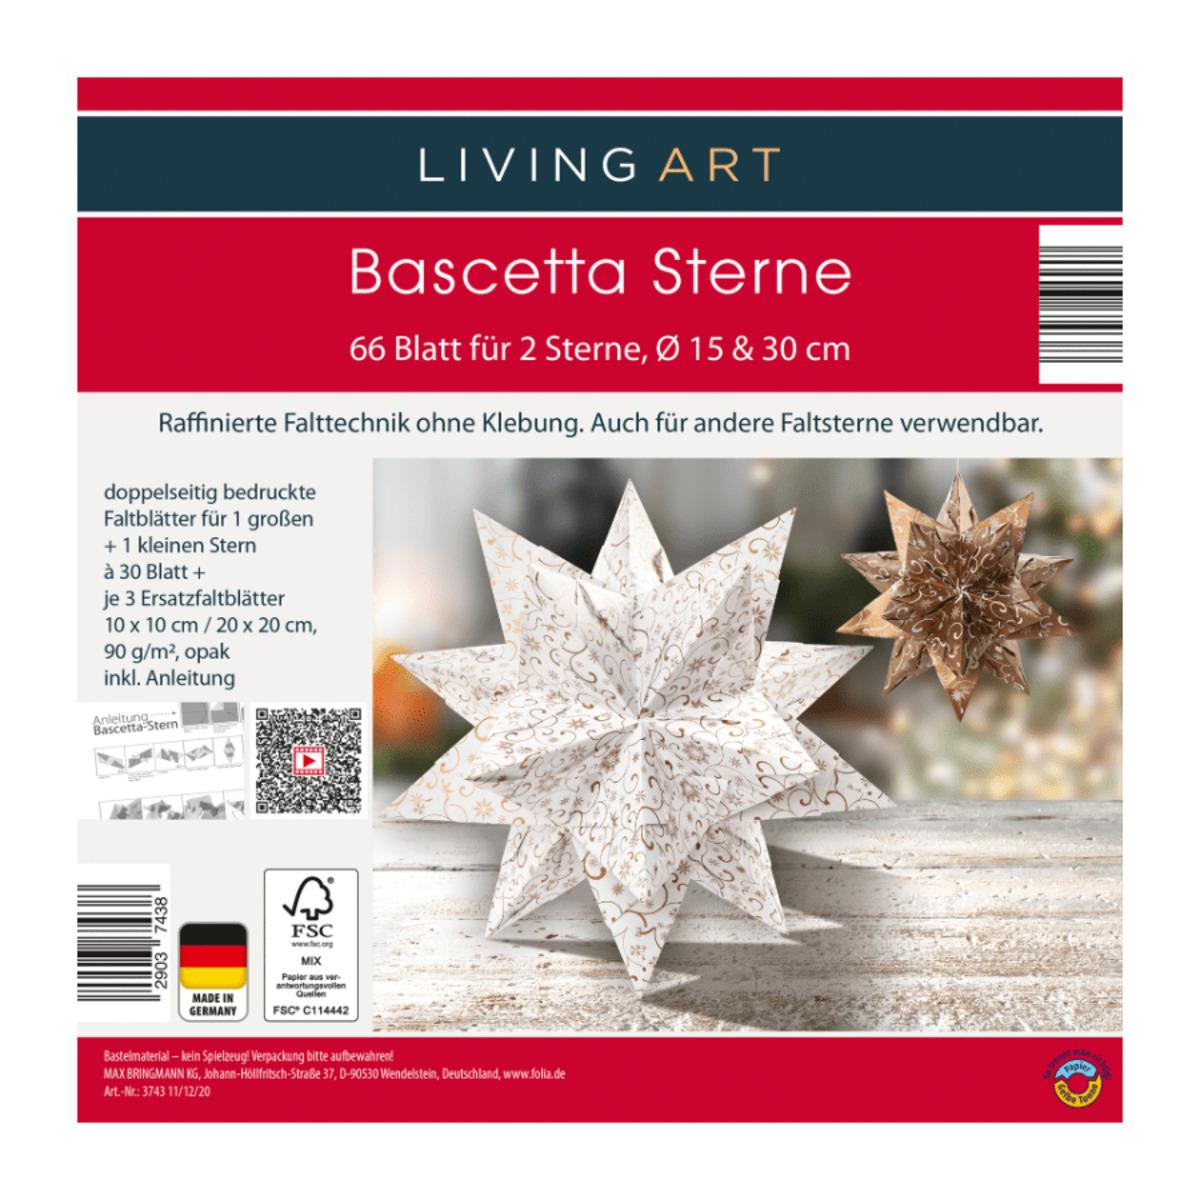 Bild 2 von LIVING ART     Bascetta Sterne